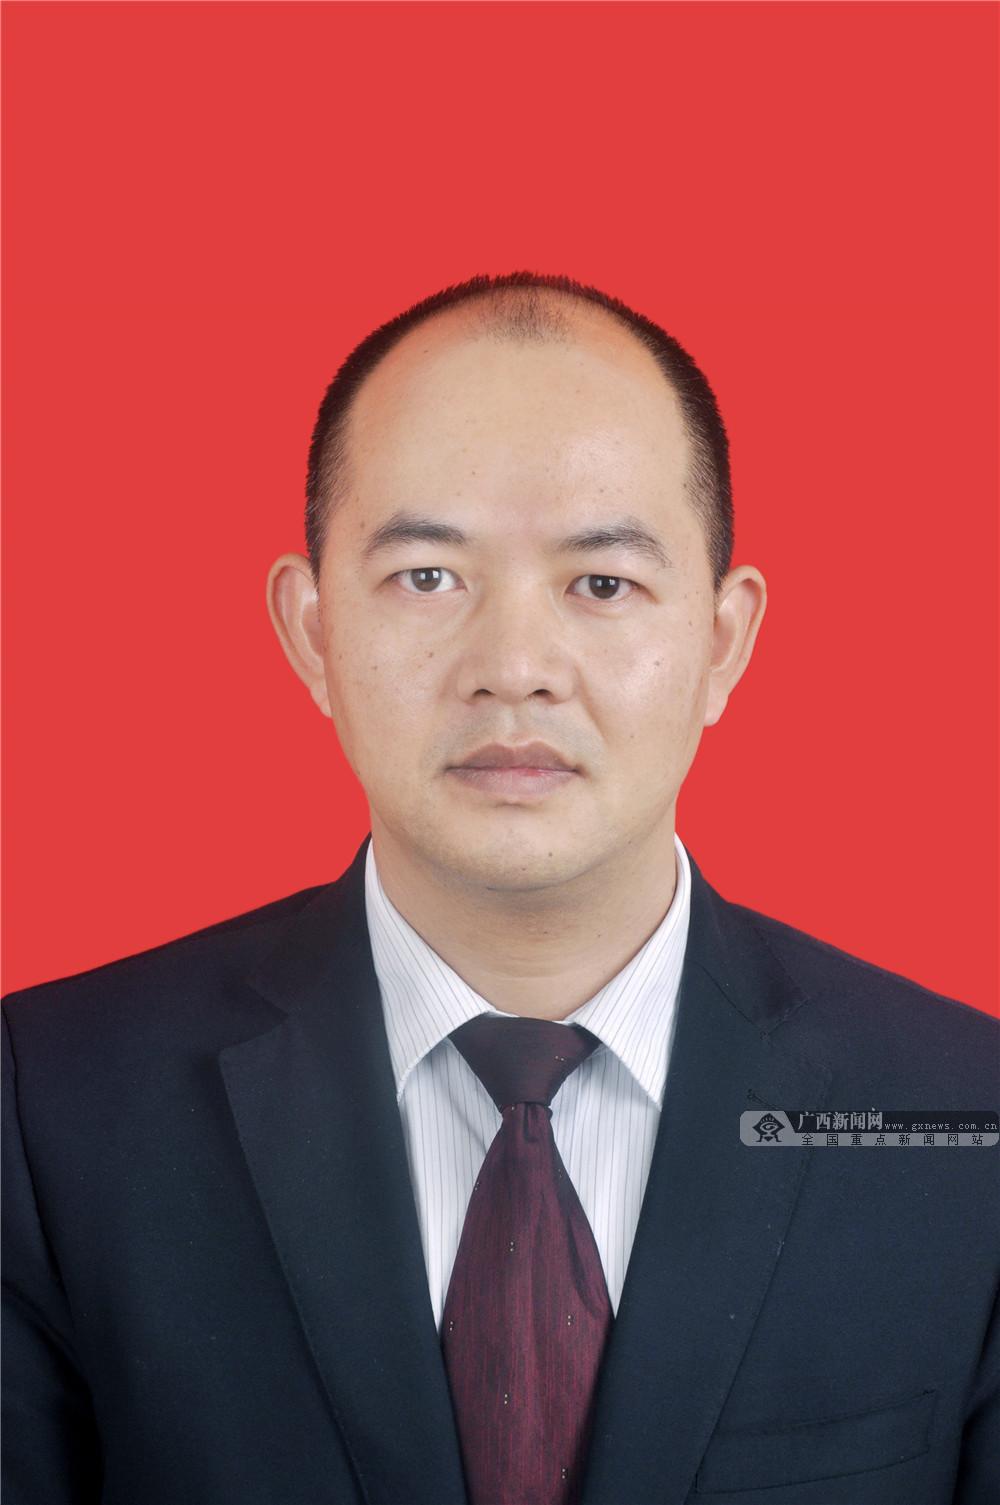 广西鸿翔一心堂药业有限责任公司总经理黄永强向全区人民拜年